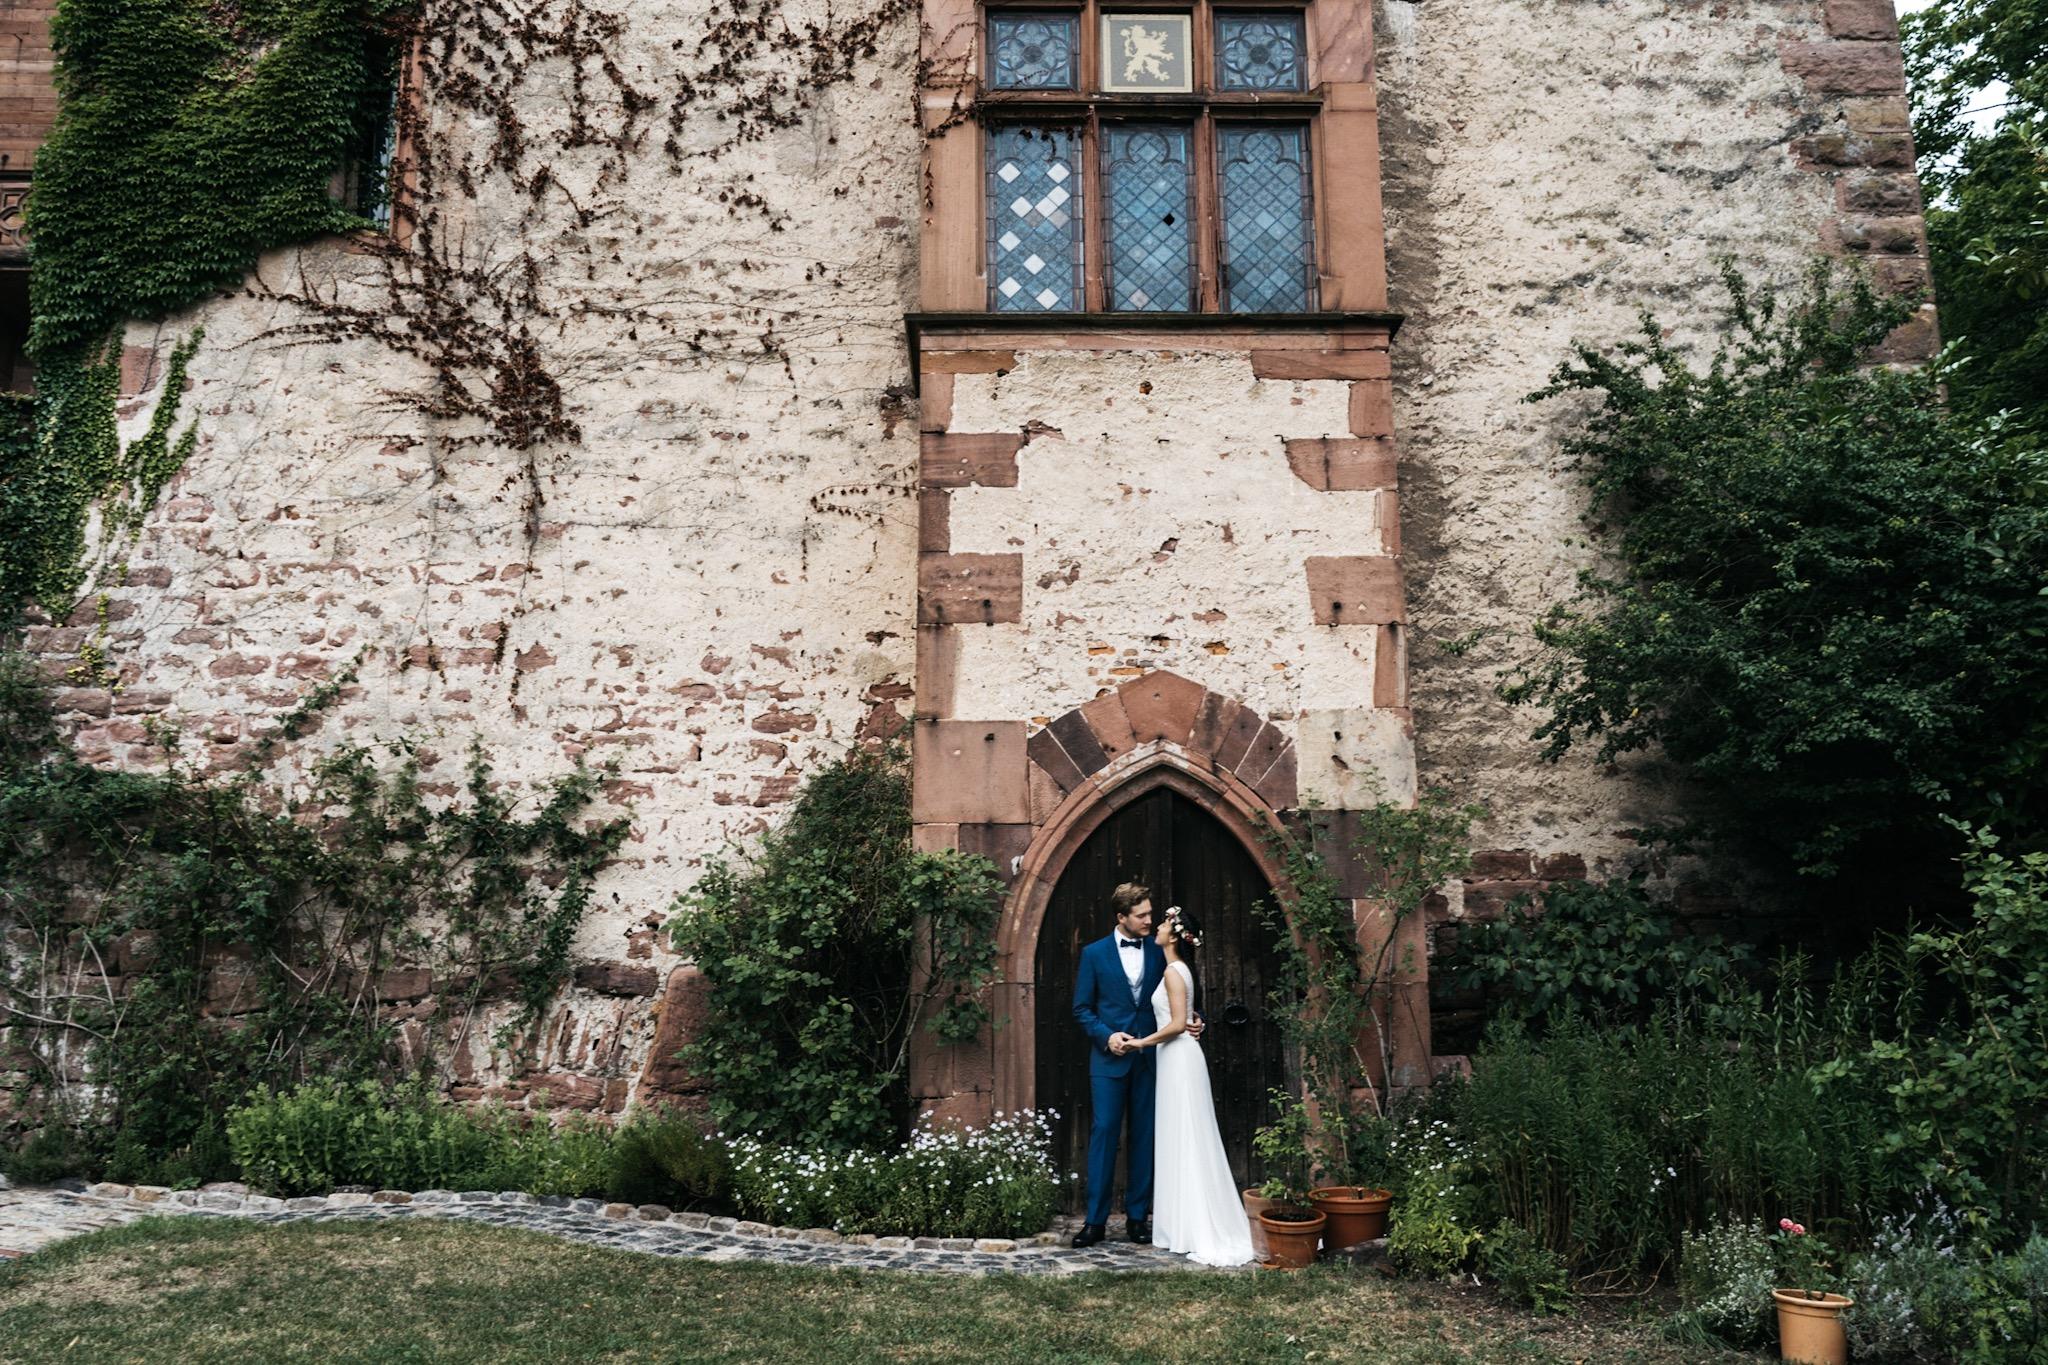 3D4D5532 0B05 4EF0 871B 1E3991500D2A - Hochzeit auf der Mittelburg